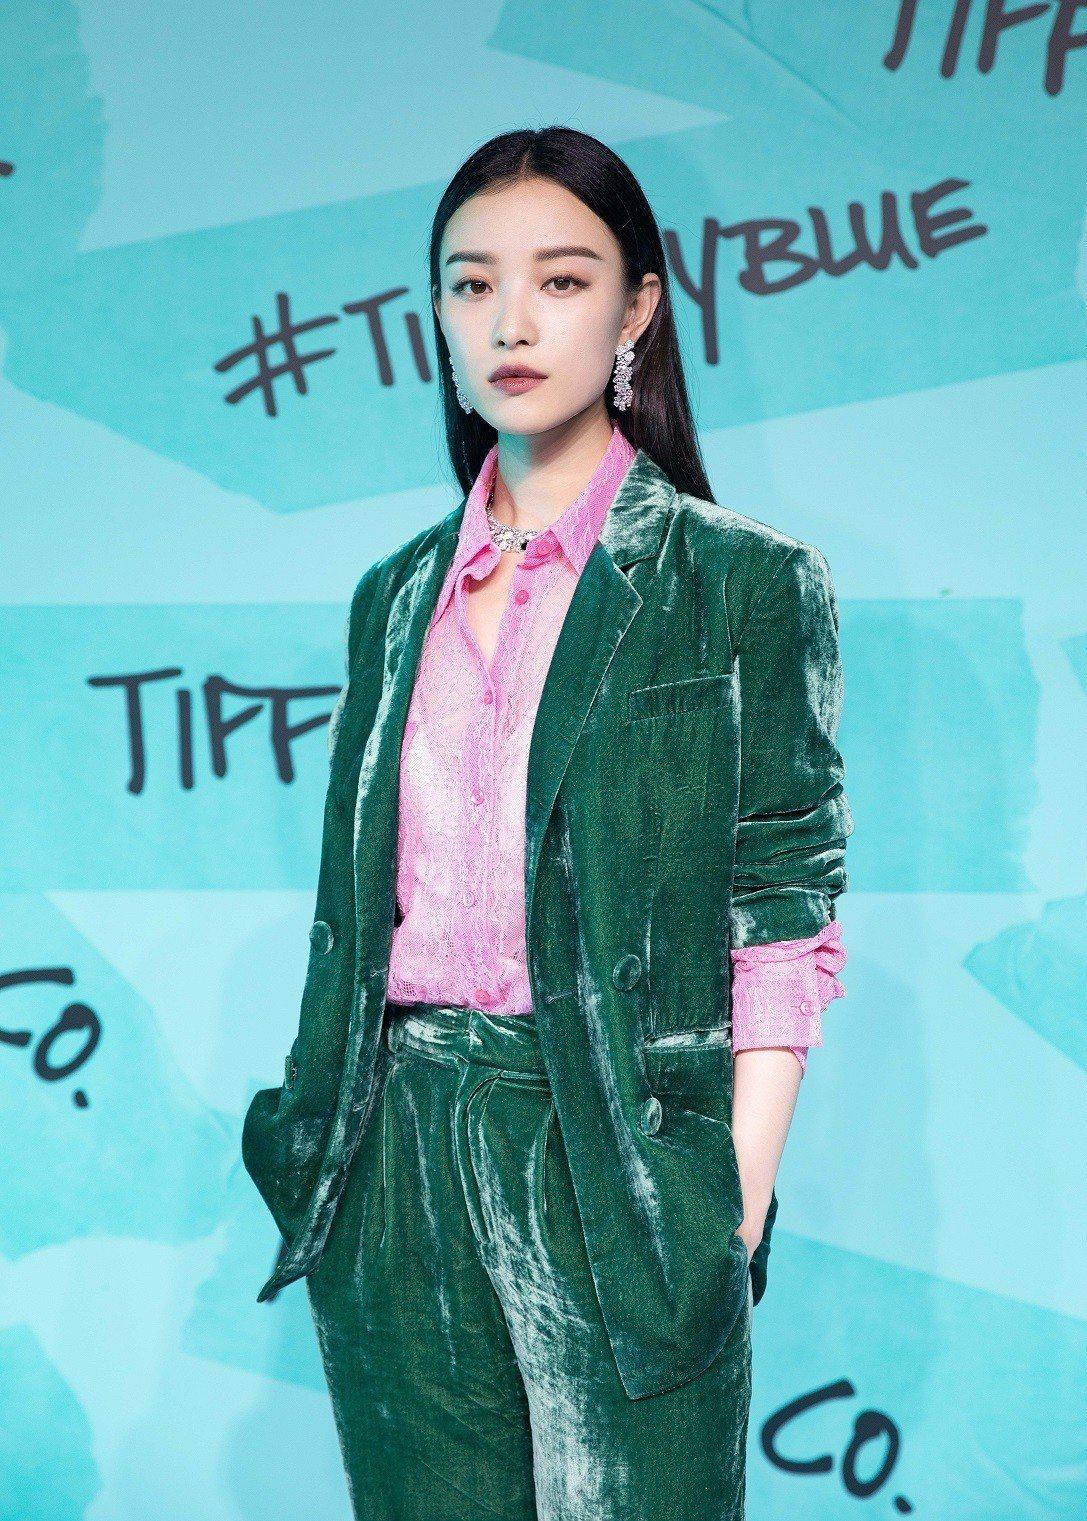 純妃脫下莫蘭迪色換Tiffany藍還是不敵倪妮美